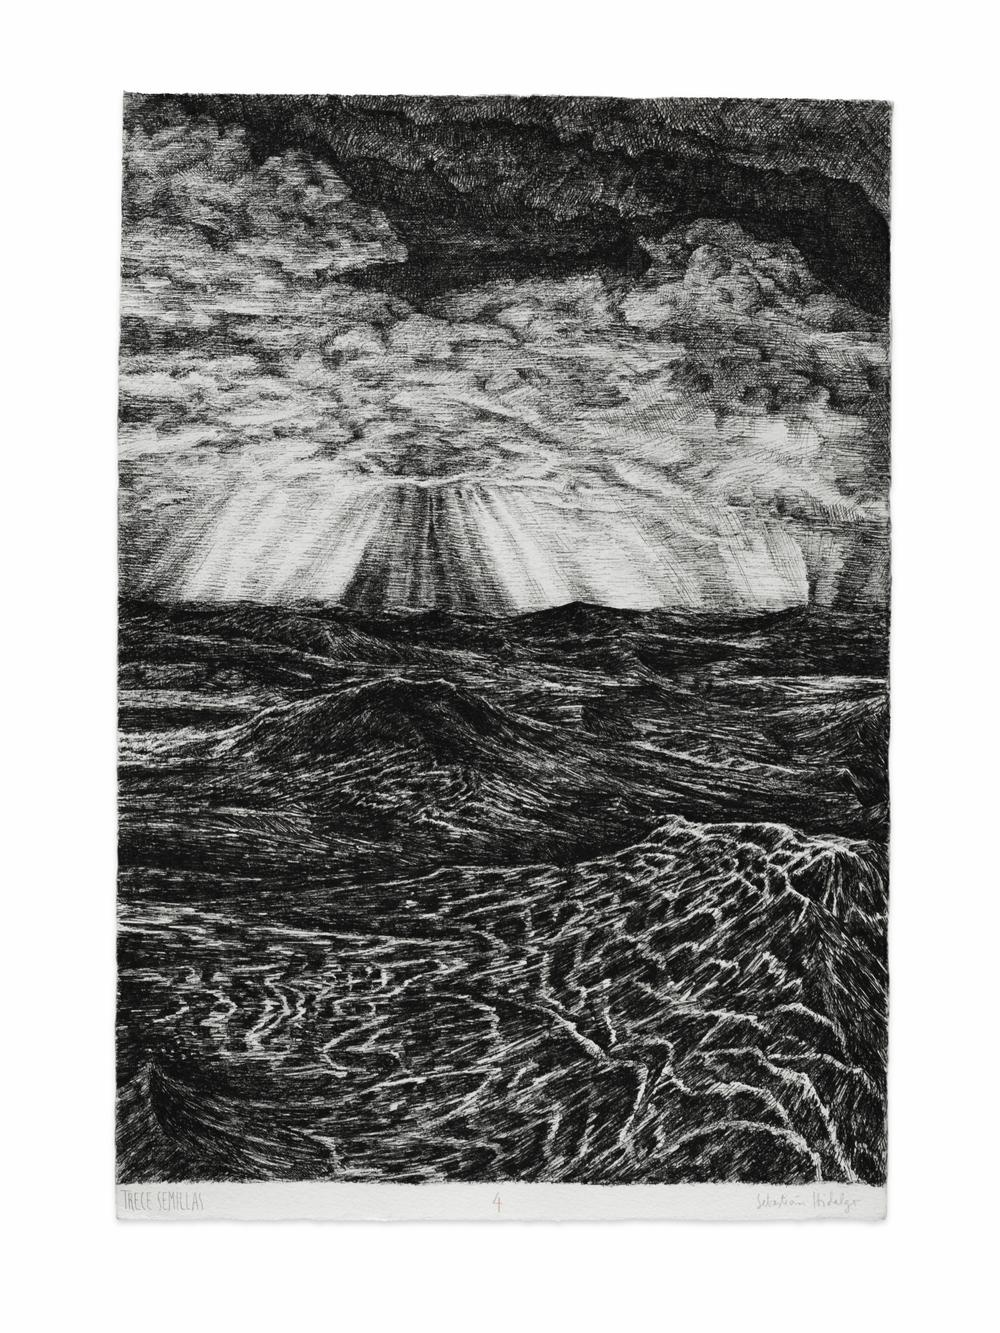 Trece semillas/4, 2015 Ink on paper, 39 x 26.5 cm